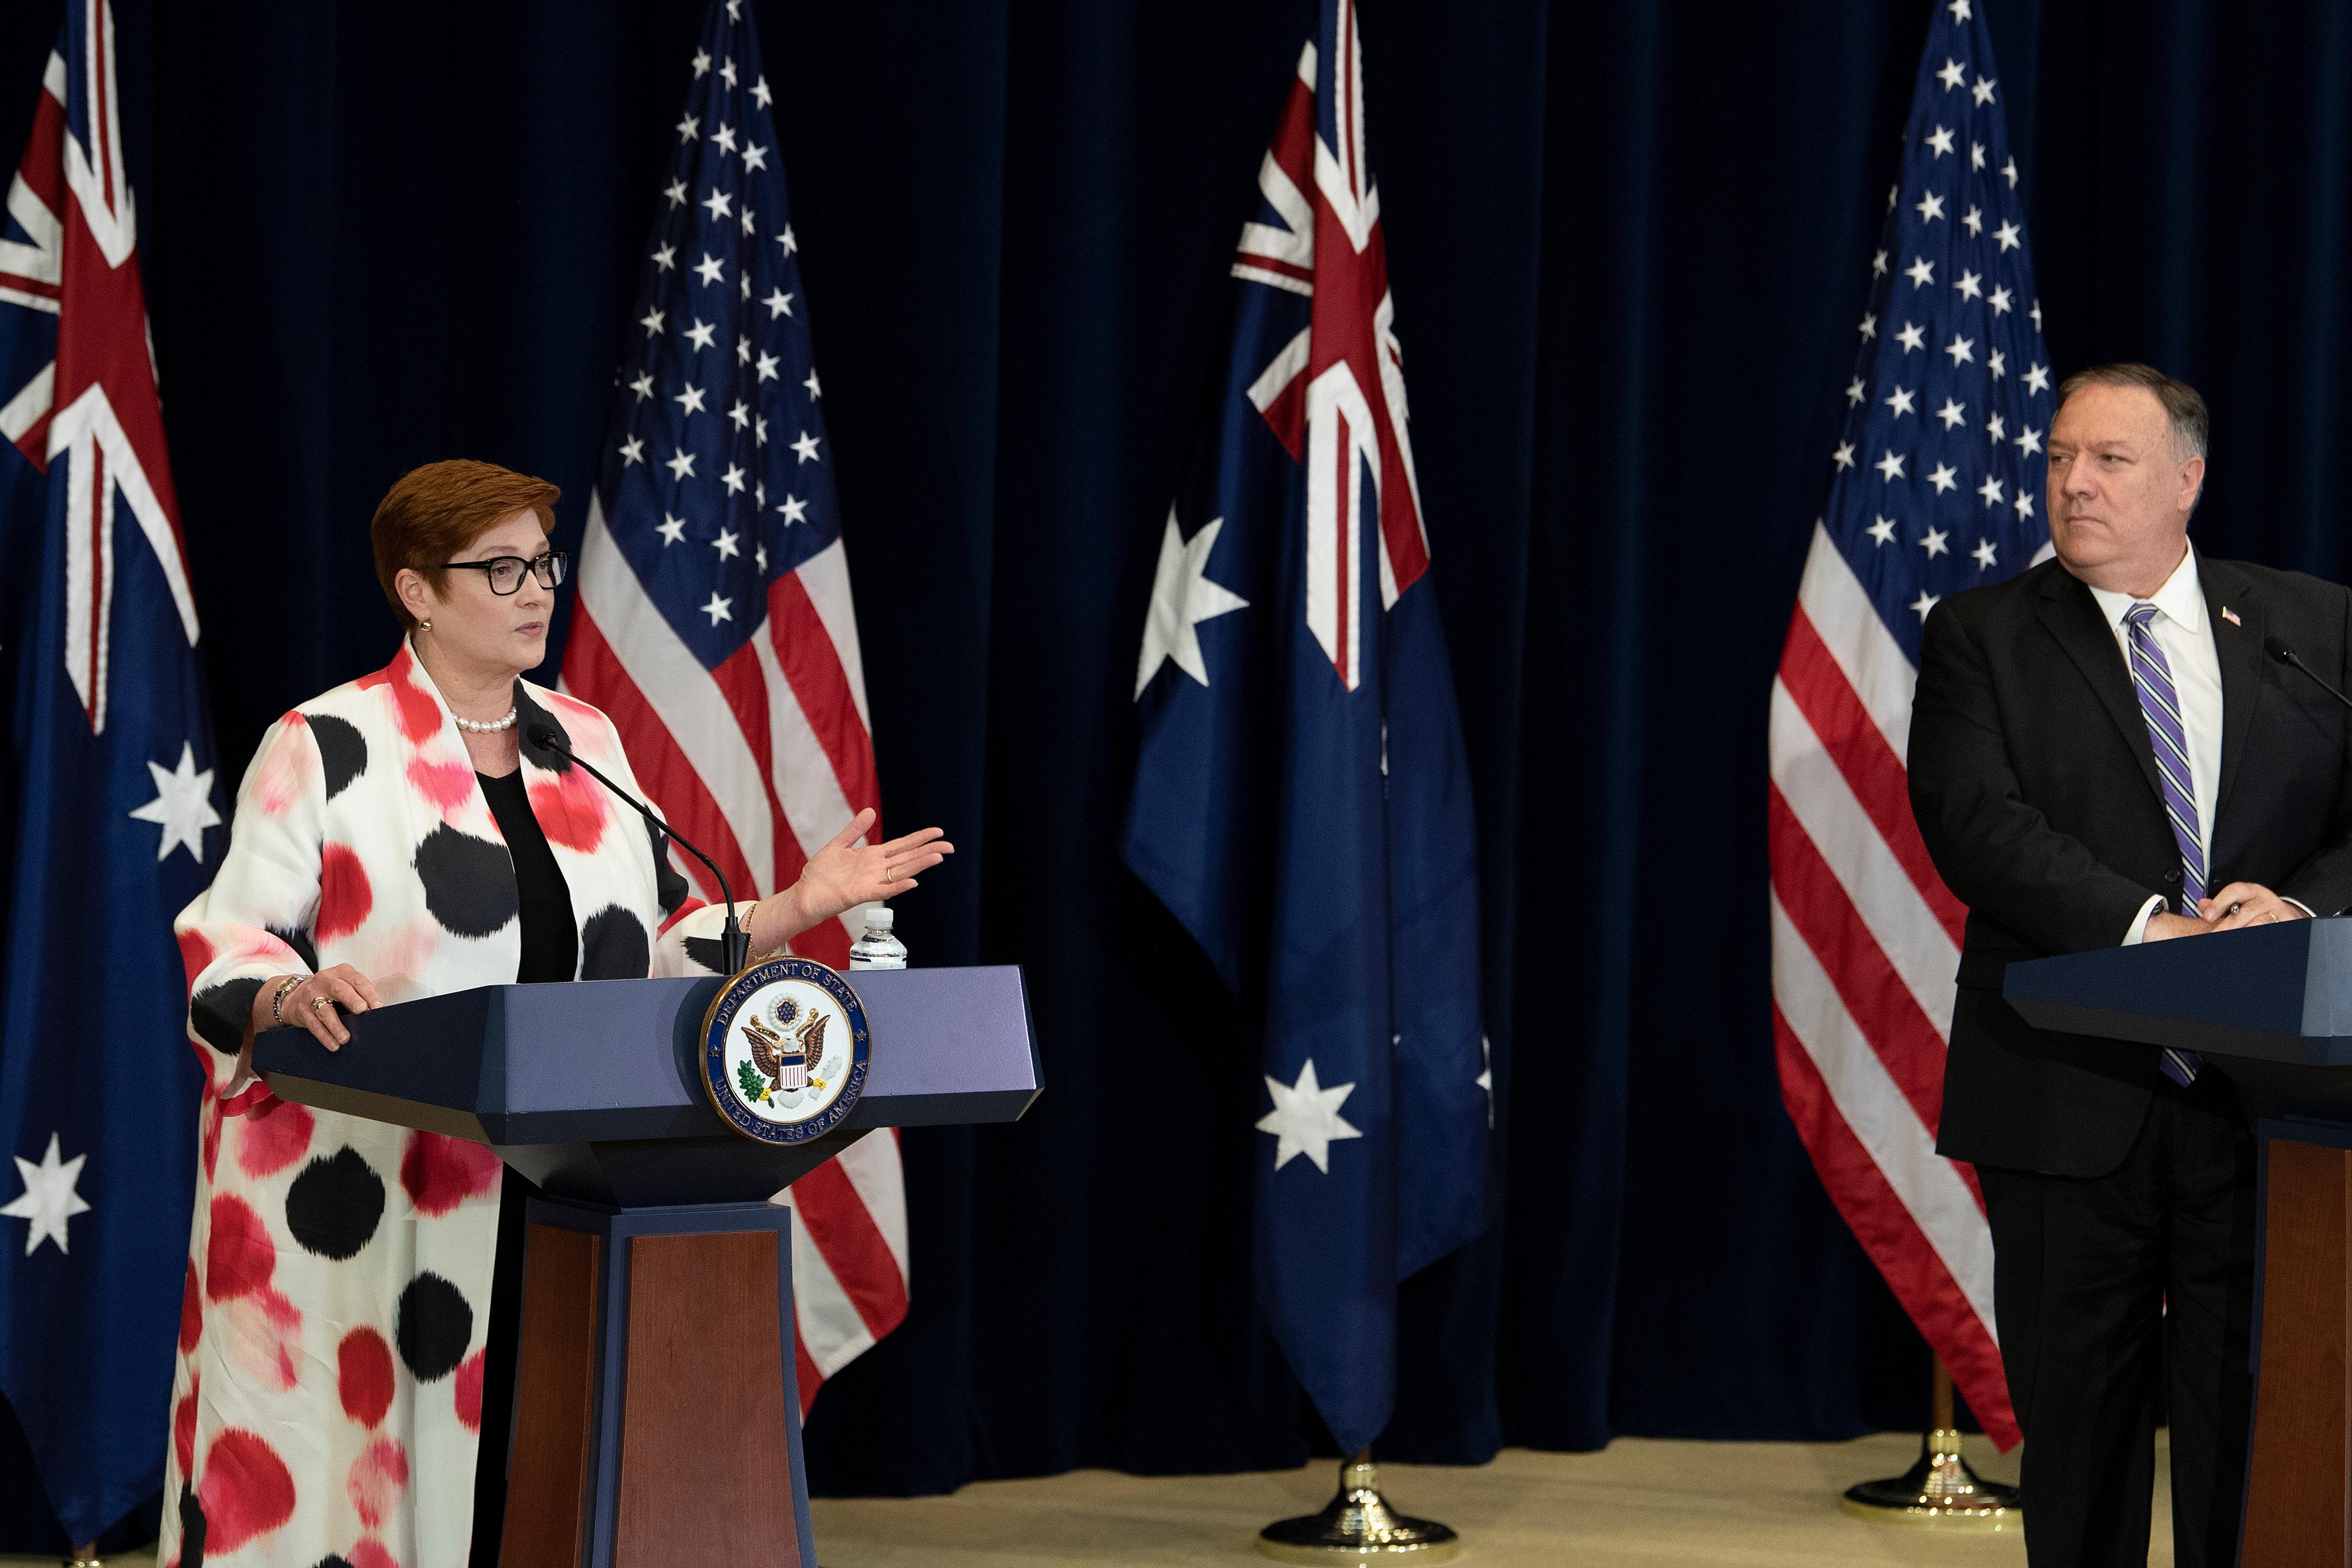 2020年7月28日,在華盛頓特區舉行的澳美部長級諮商(AUSMIN)會議上,美國國務卿蓬佩奧(Mike Pompeo)在新聞發佈會上傾聽澳洲外長佩恩(Marise Payne)發言。(BRENDAN SMIALOWSKI/AFP via Getty Images)